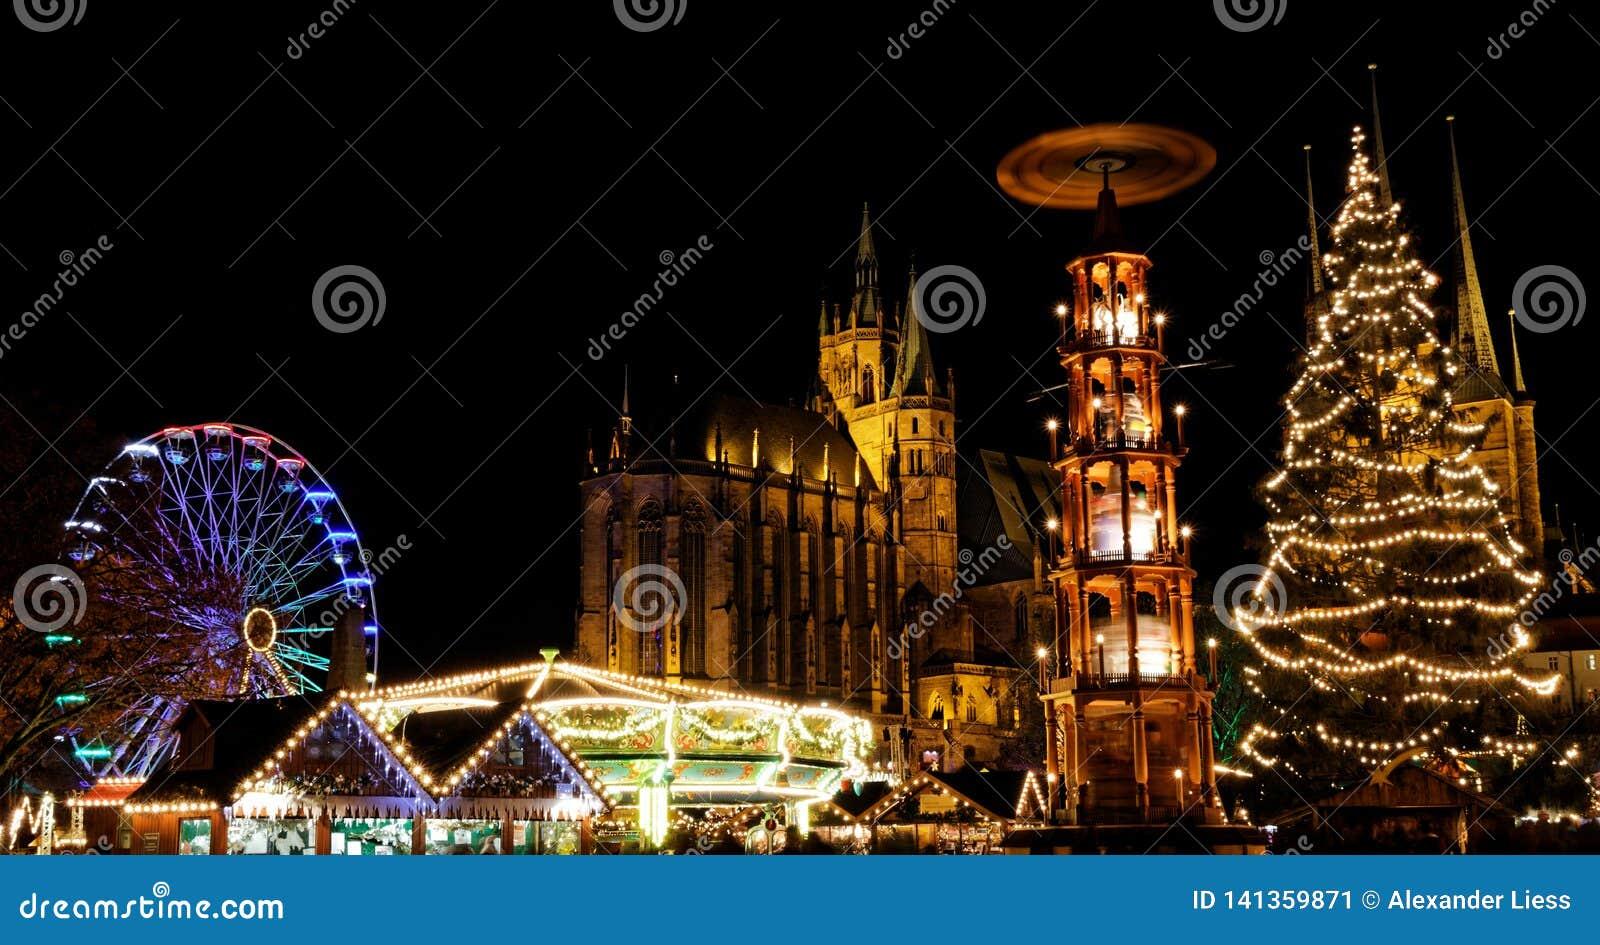 Weihnachtsmarkt in Erfurt mit Ansicht über Weihnachtsbaum und pyramide zur Kathedrale